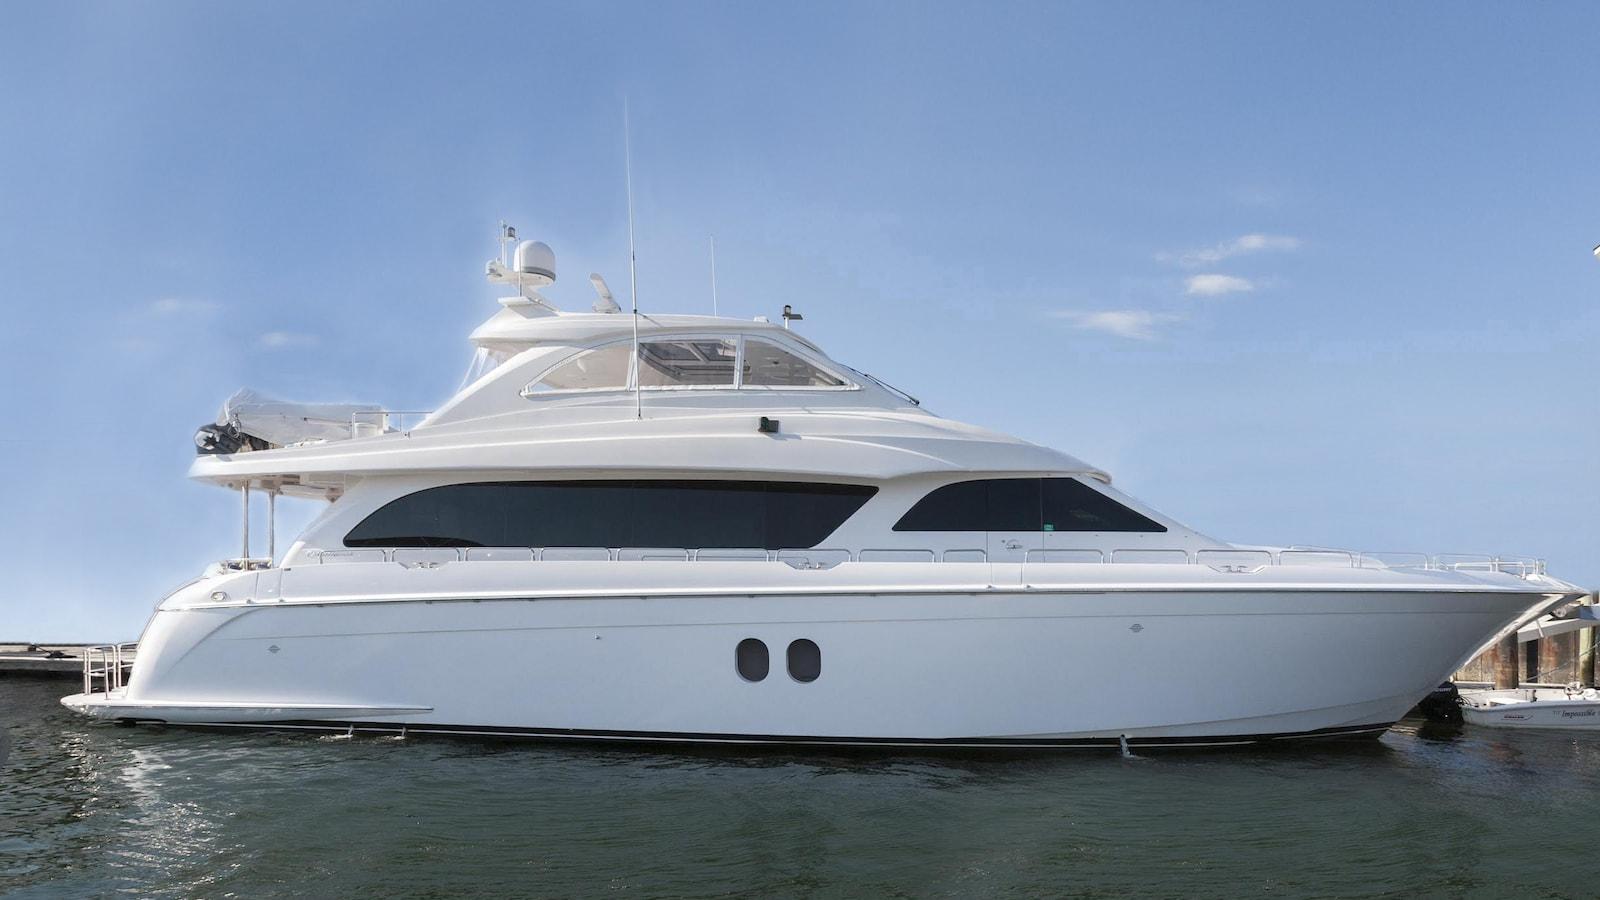 Yacht_friskylady_for-sale